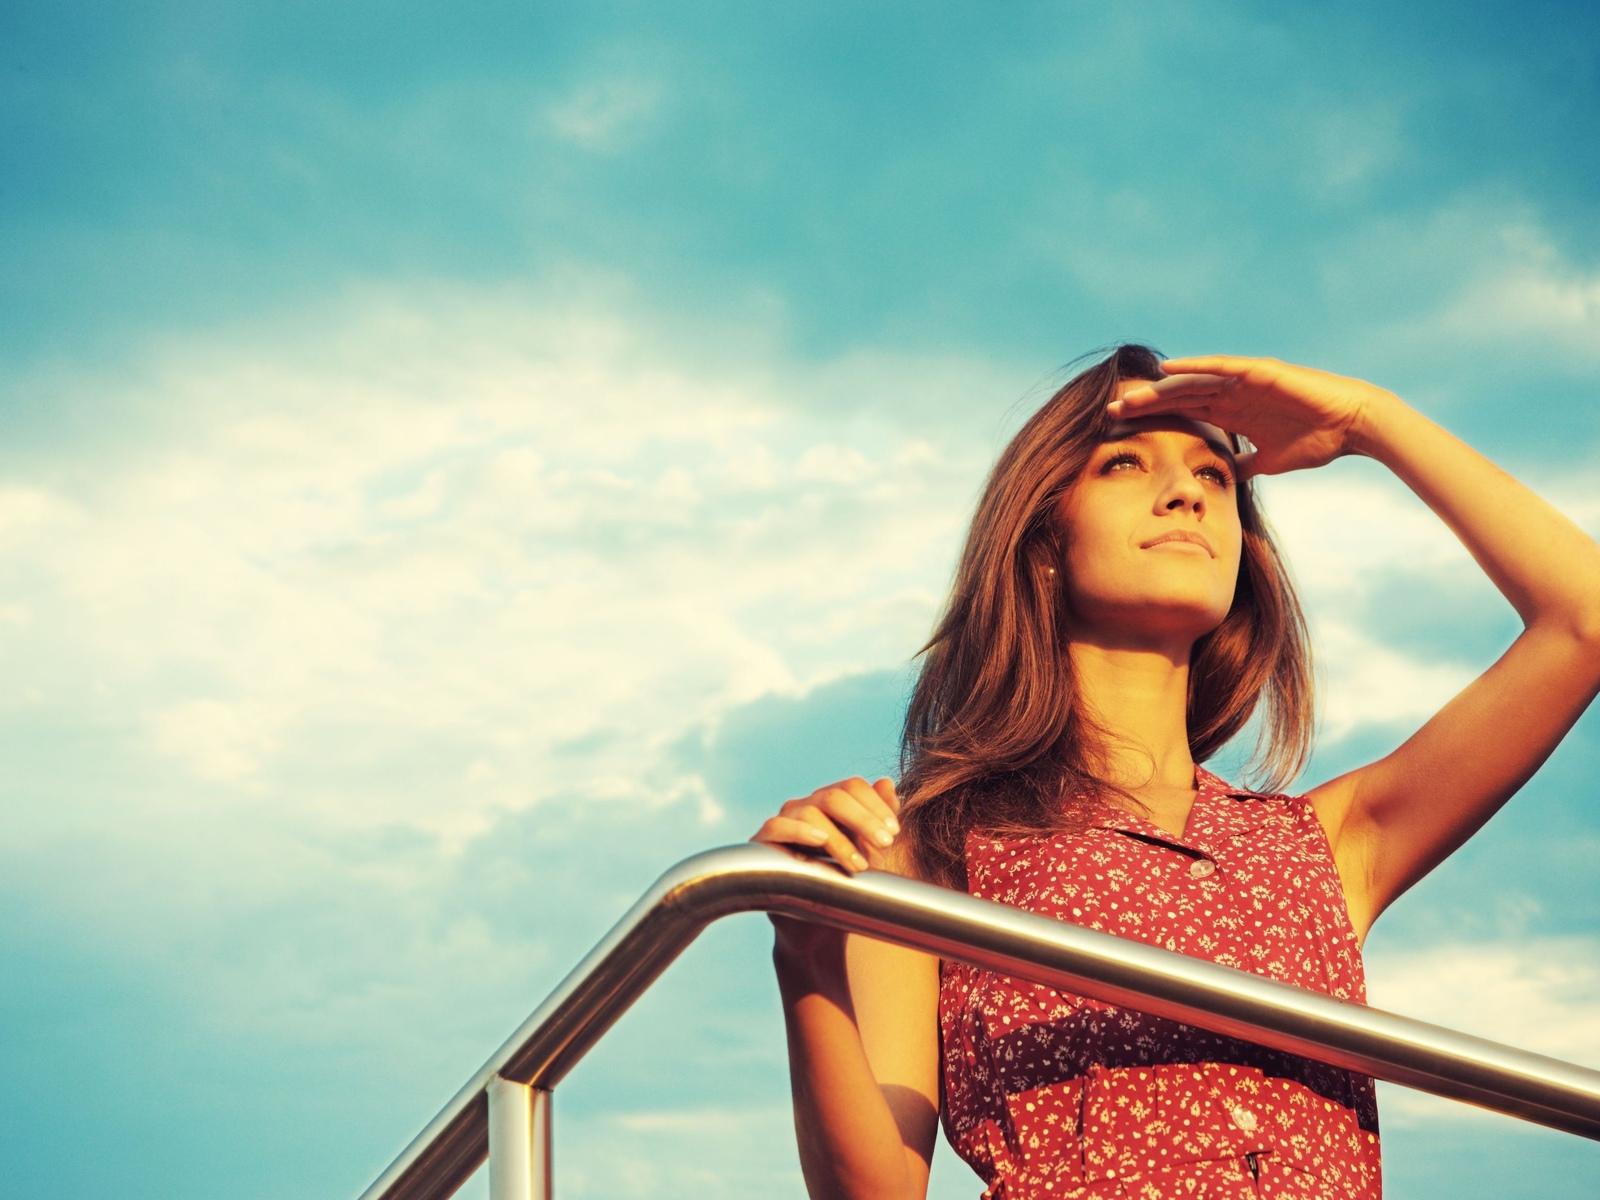 Не выходить из зоны комфорта могут позволить себе только три категории людей. Фото http://devaveda.com/